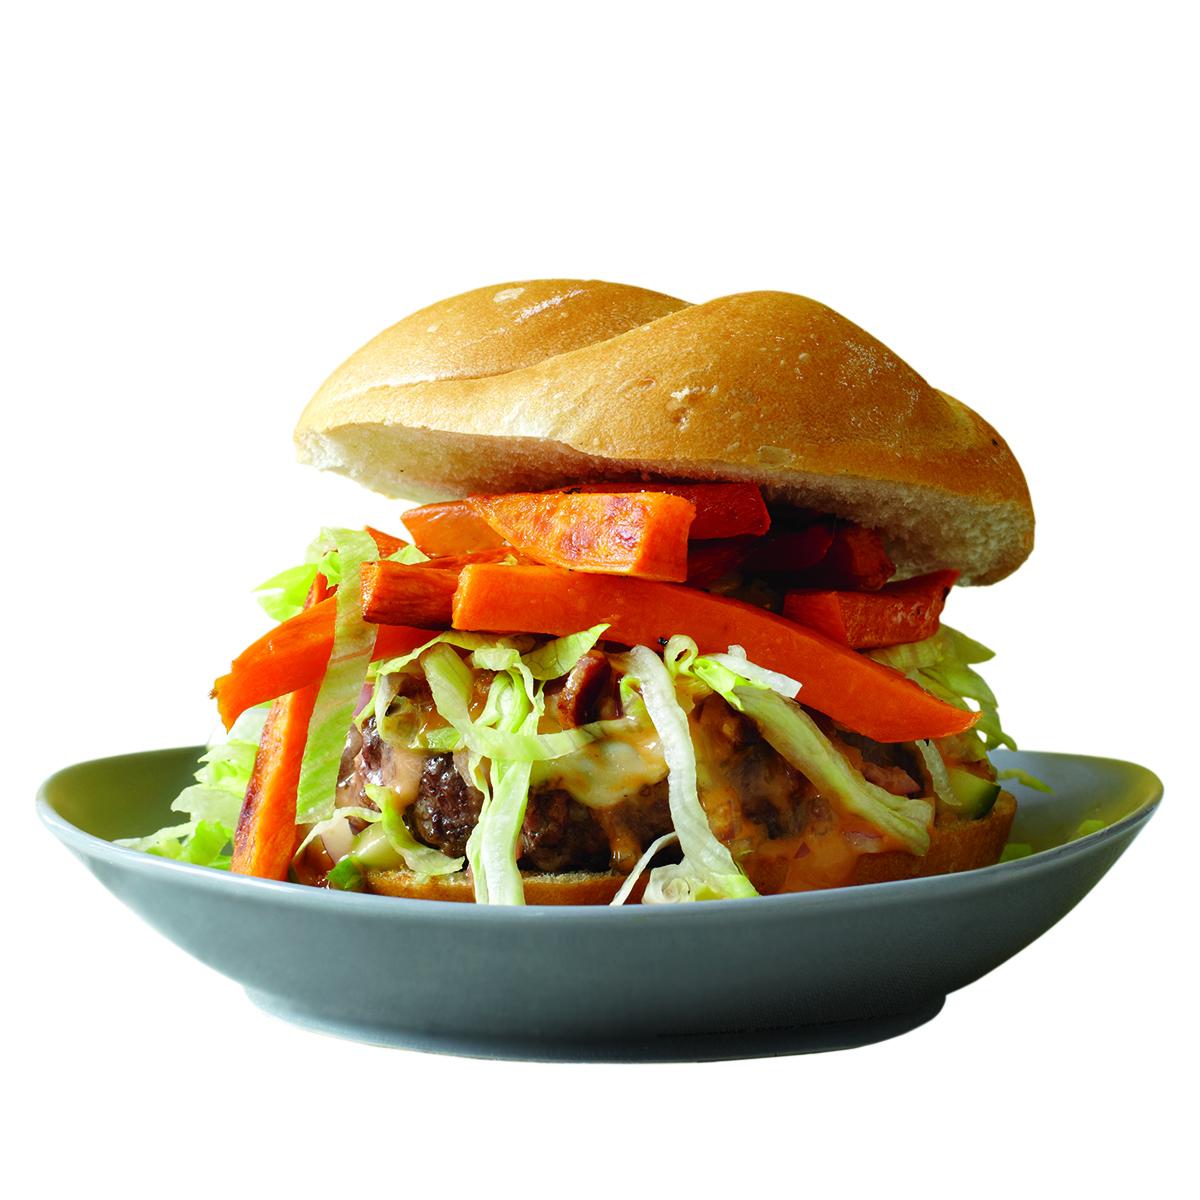 The Hot Mess Burger